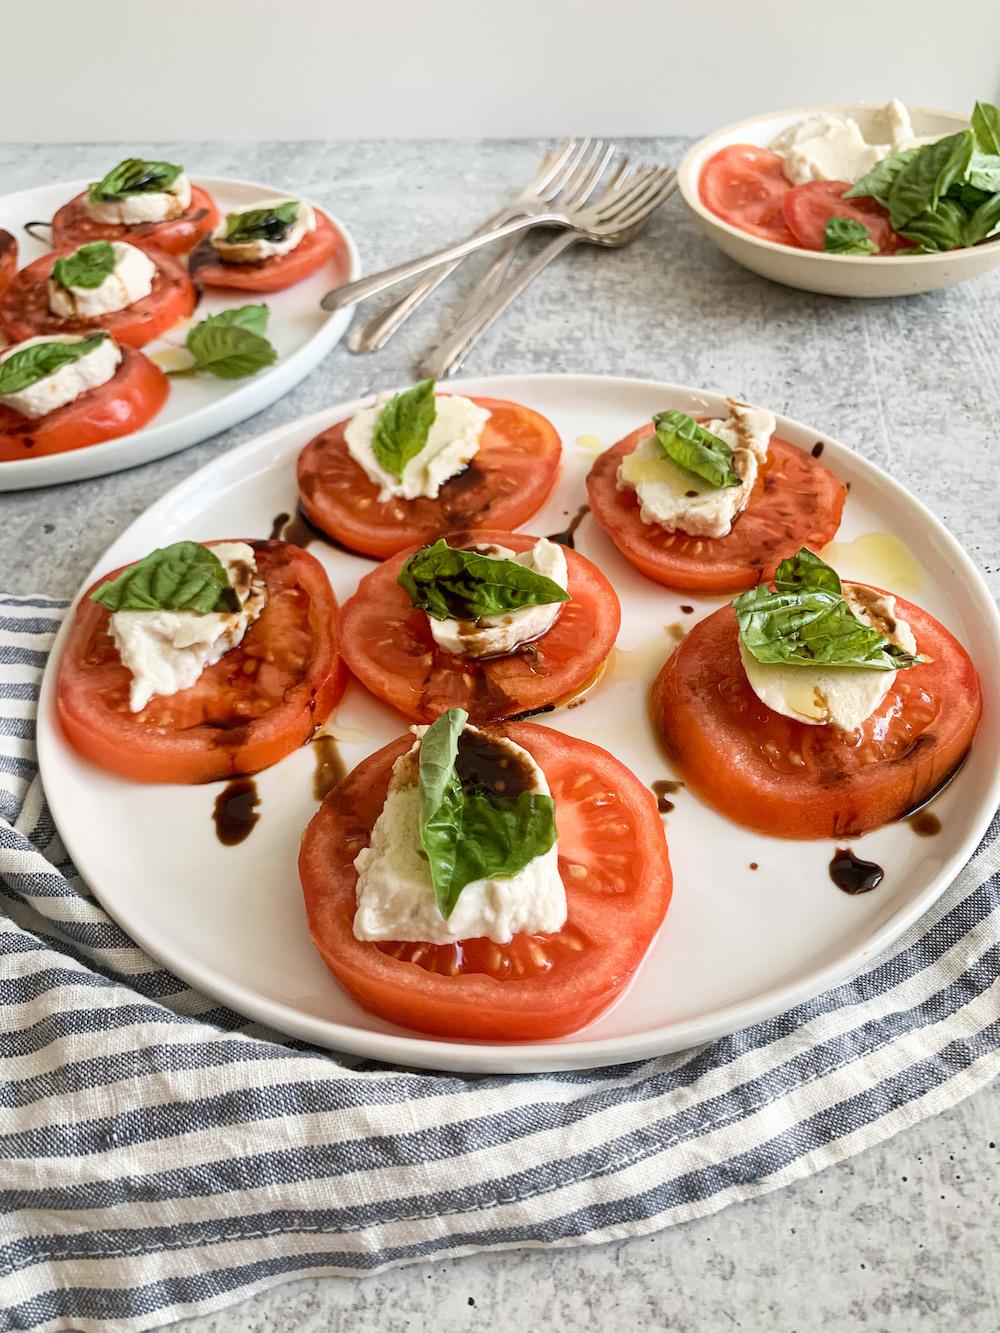 vegan mozzarella cheese on tomato slices with fresh basil